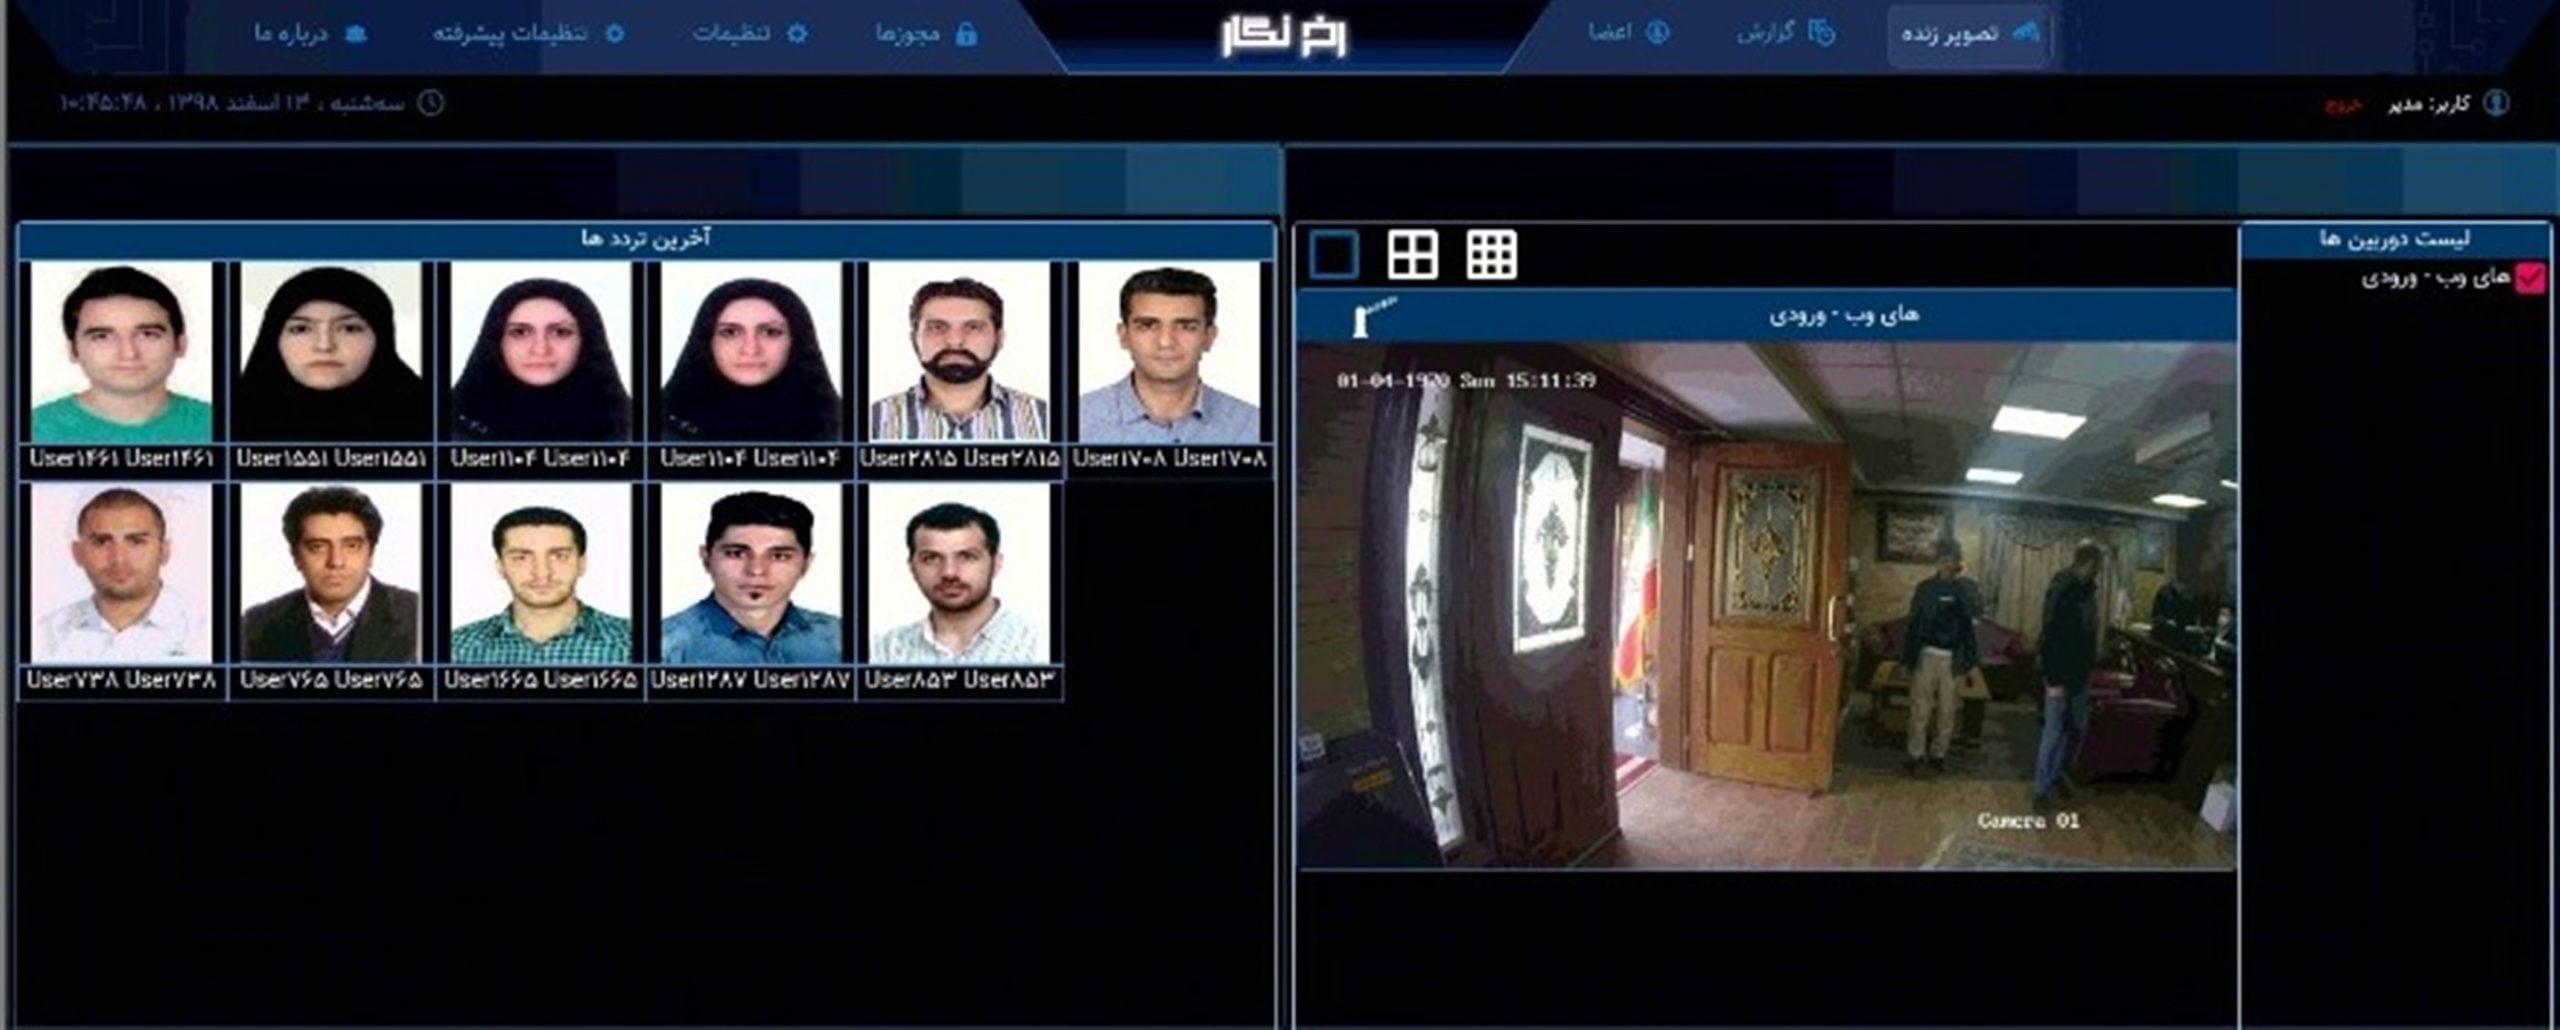 نرم افزار تشخیص چهره رخ نگار